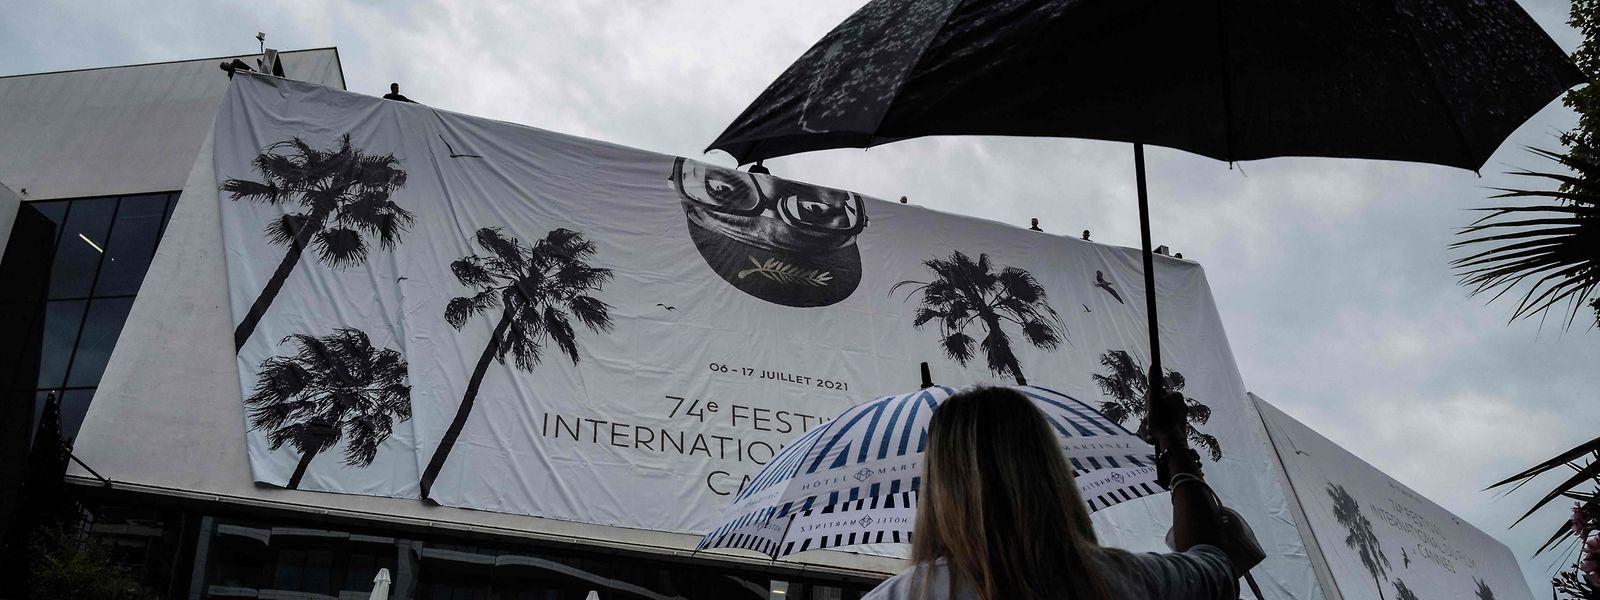 Le jury sera présidé par le réalisateur américain Spike Lee, premier Noir à occuper cette fonction dans l'histoire du festival.